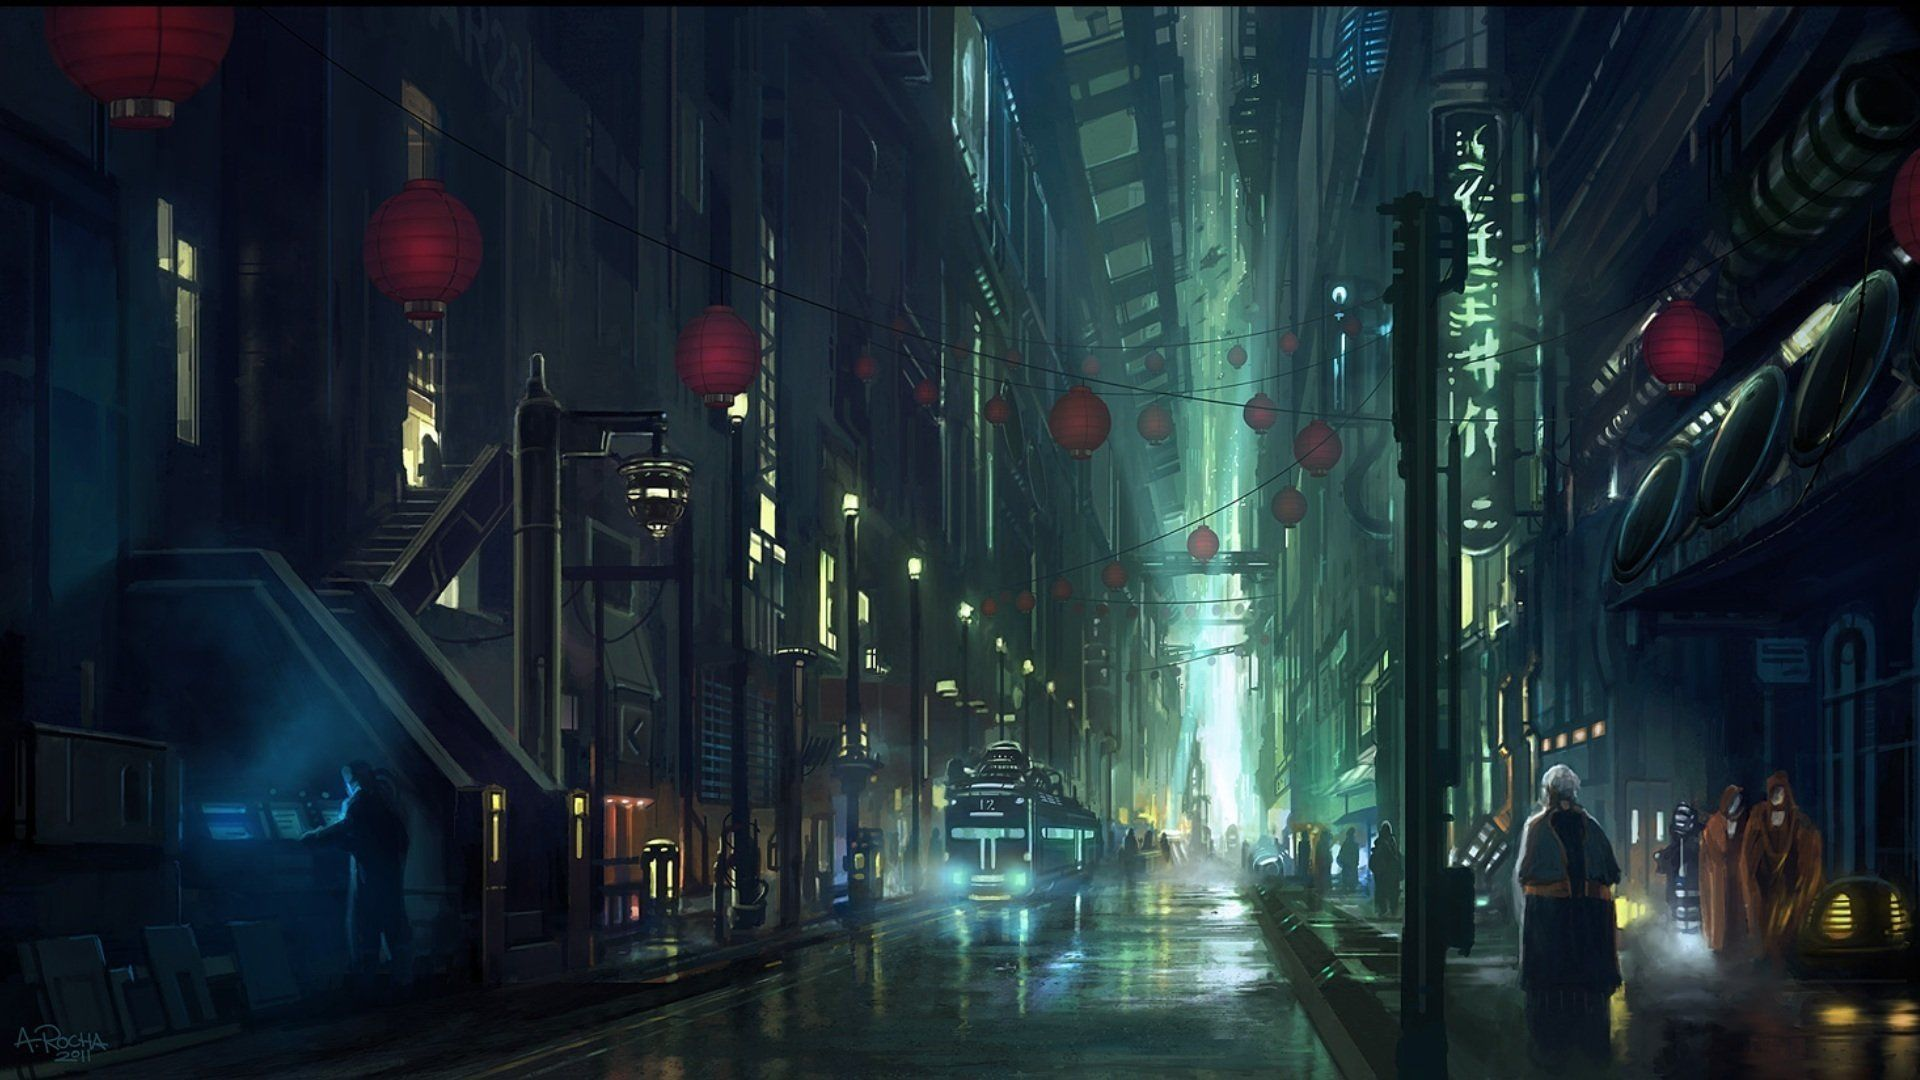 Blade Runner Wallpapers Cyberpunk City Anime City Sci Fi Wallpaper